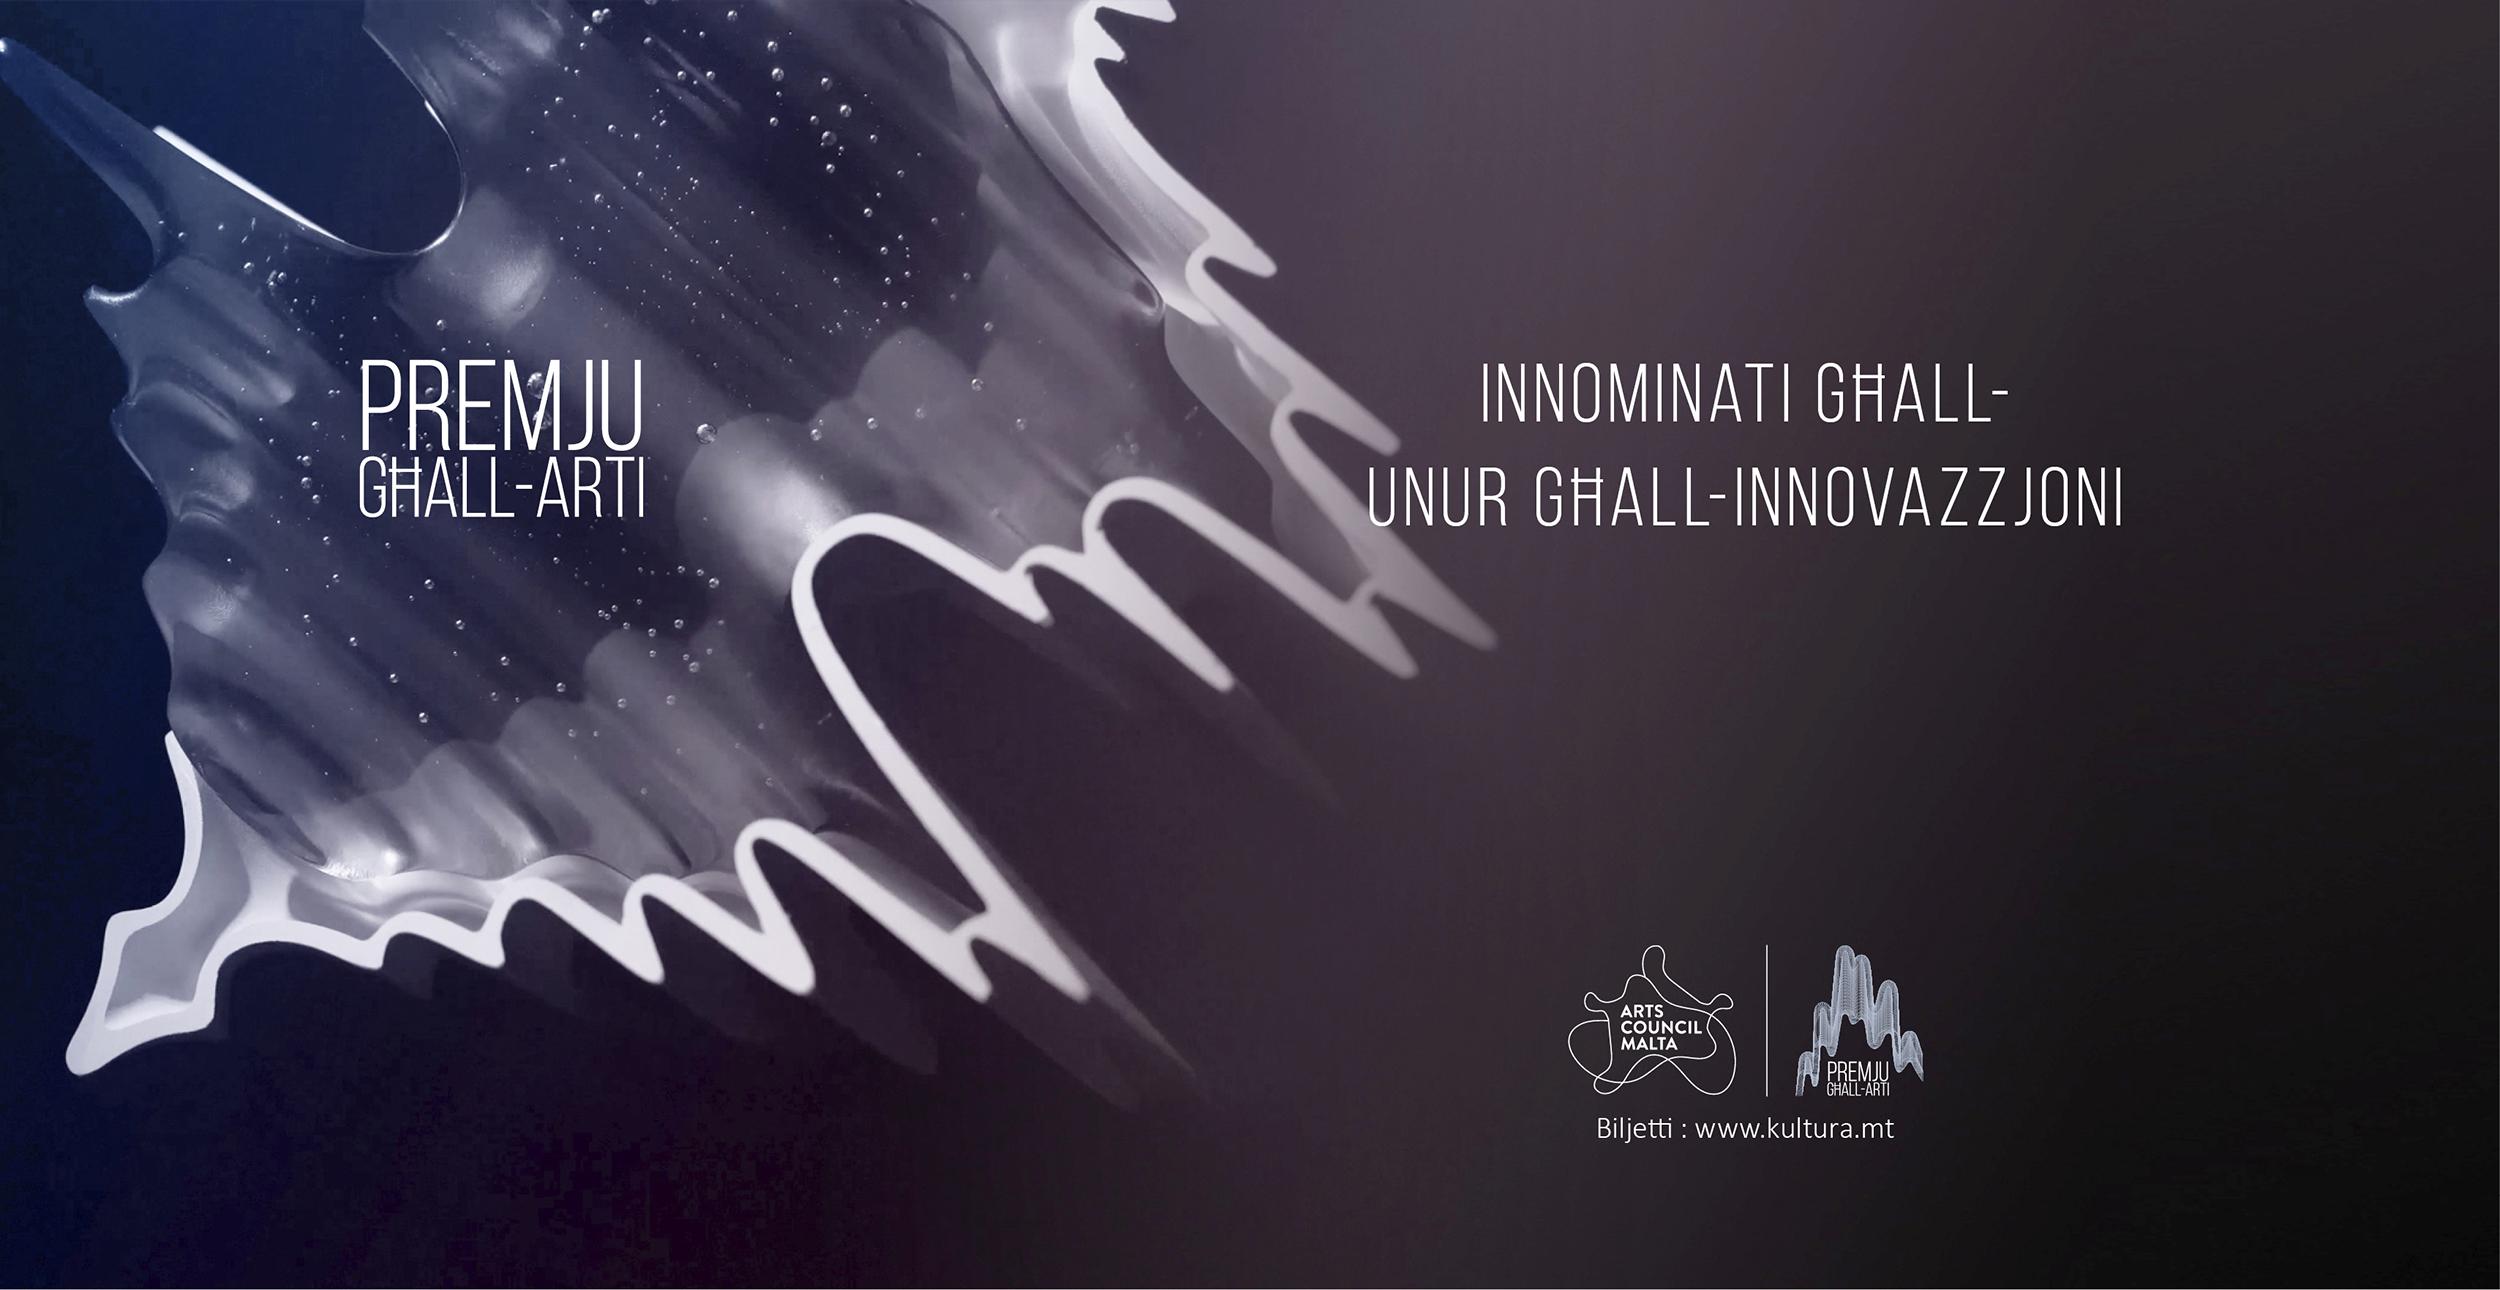 Unur għall-innovazzjoni